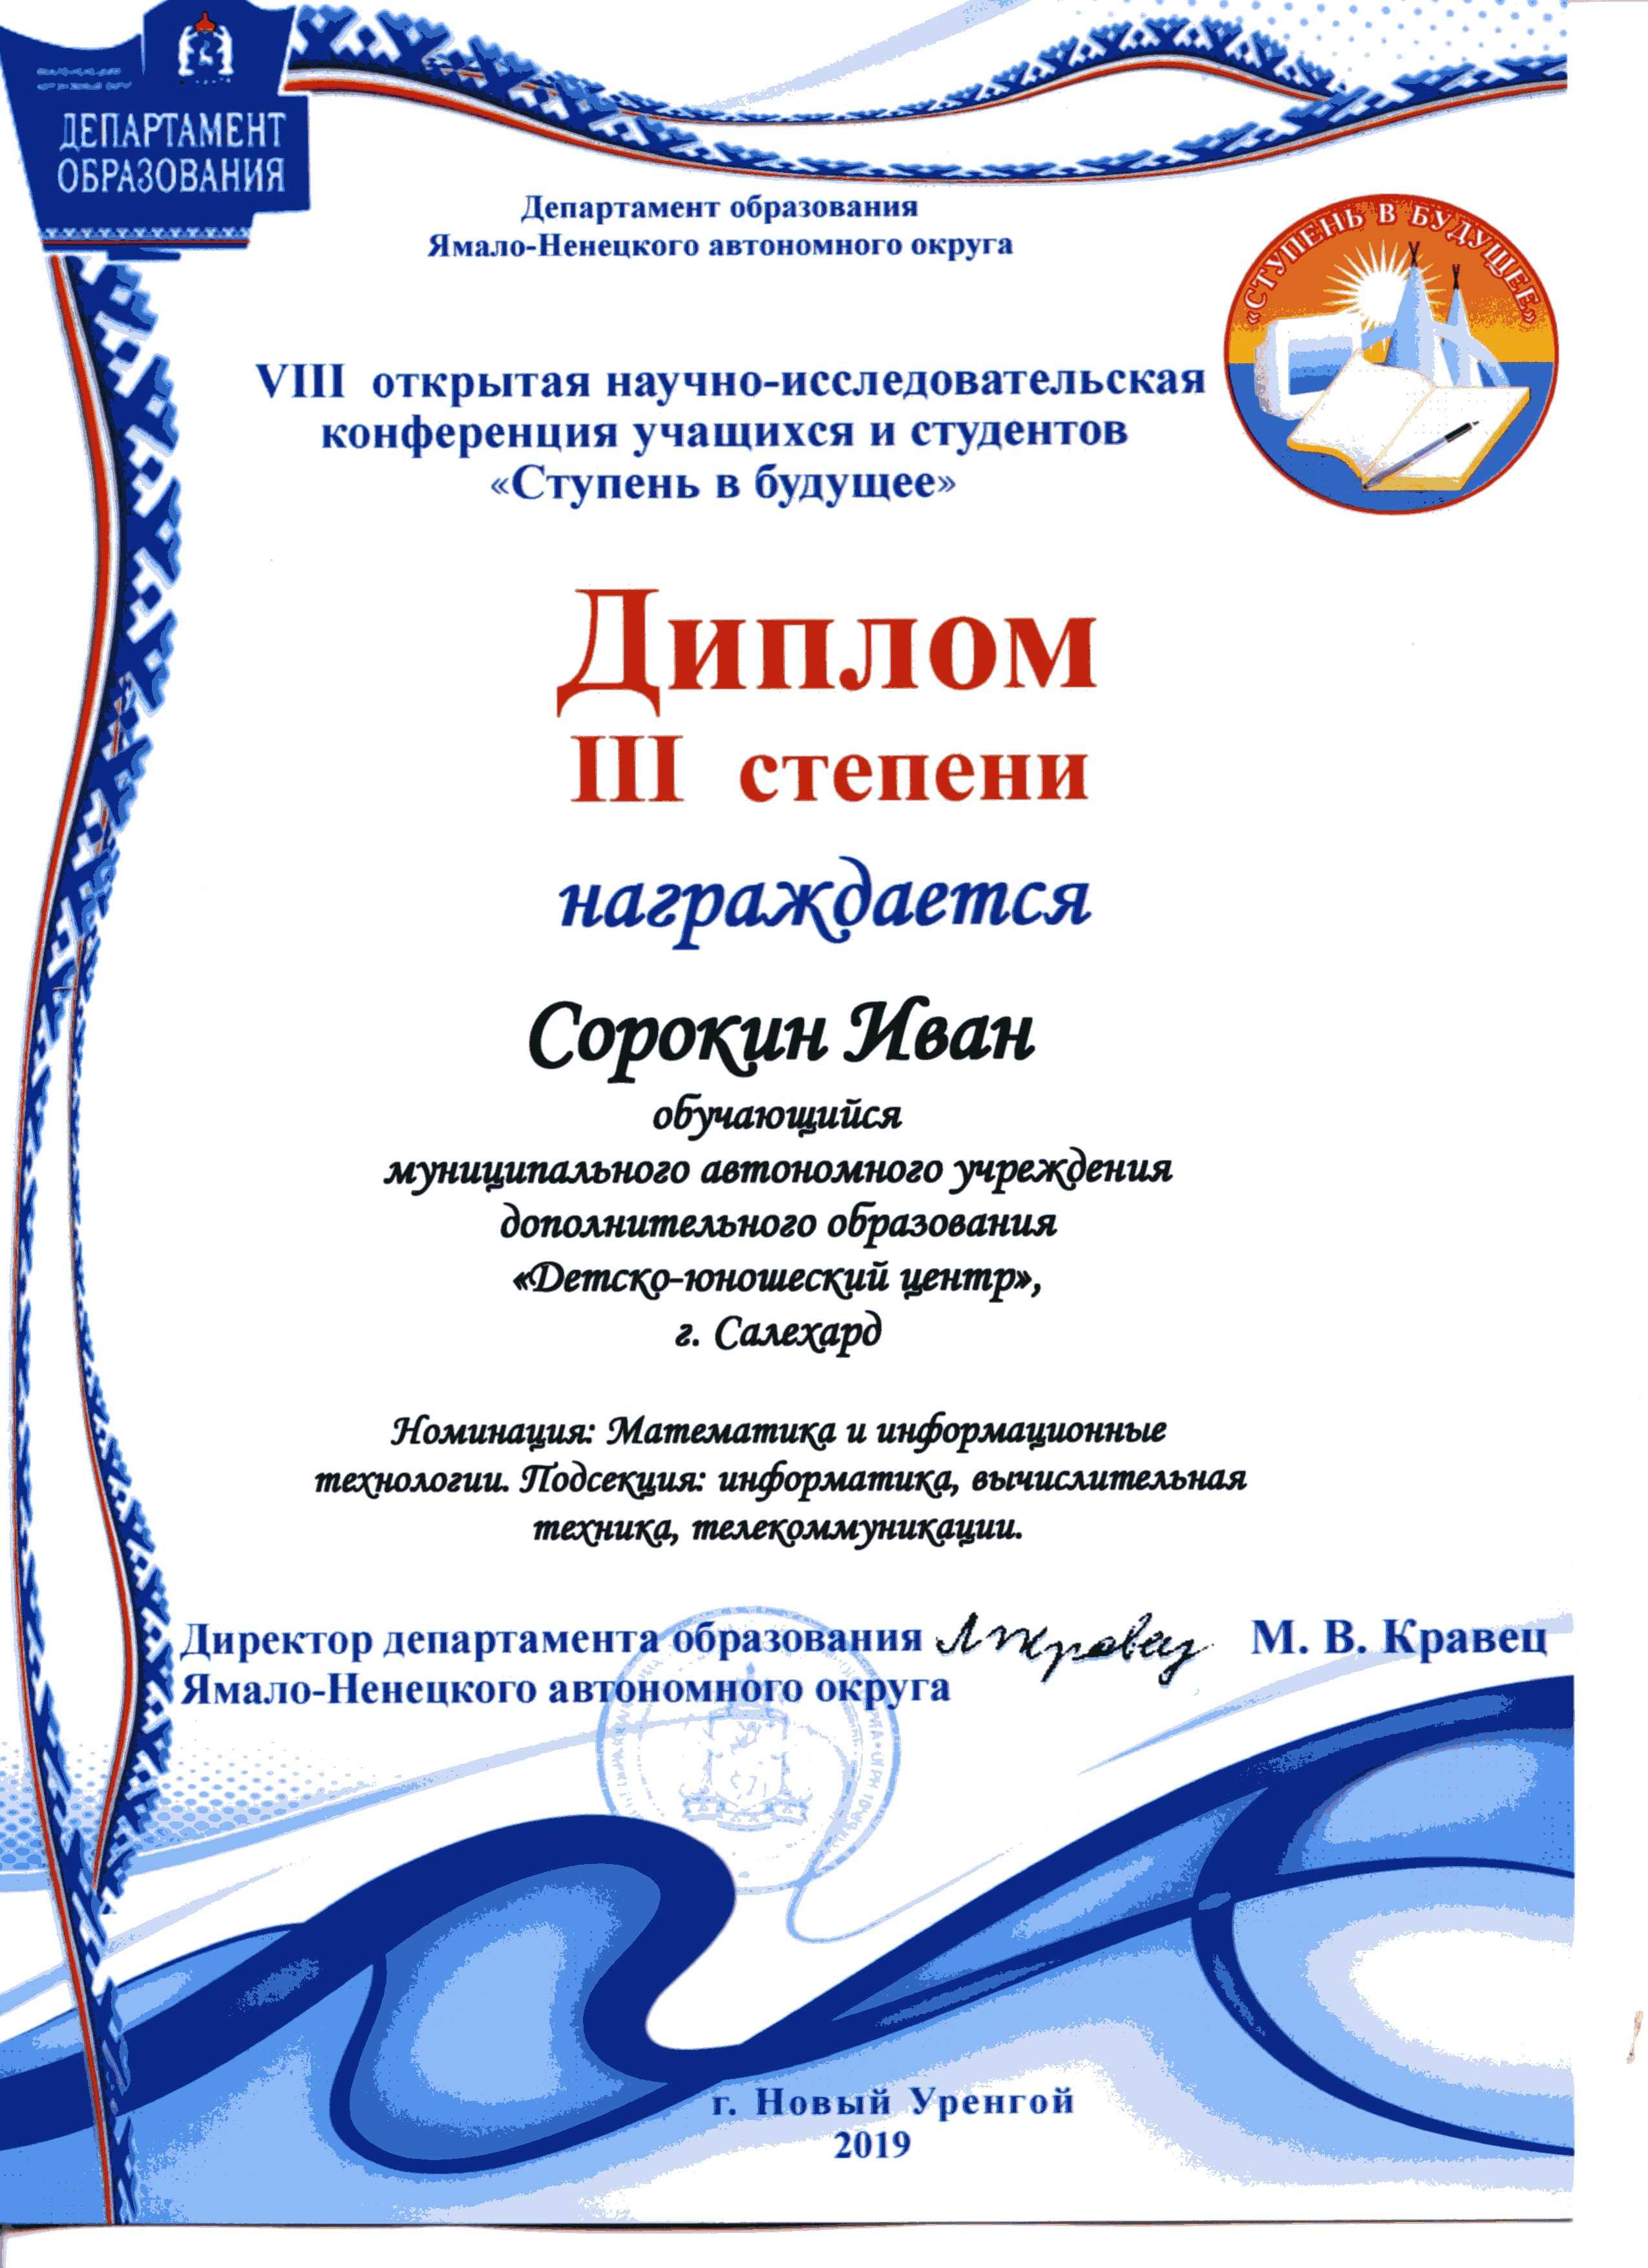 VIII региональная научно практическая-конференция «Ступень в будущее»